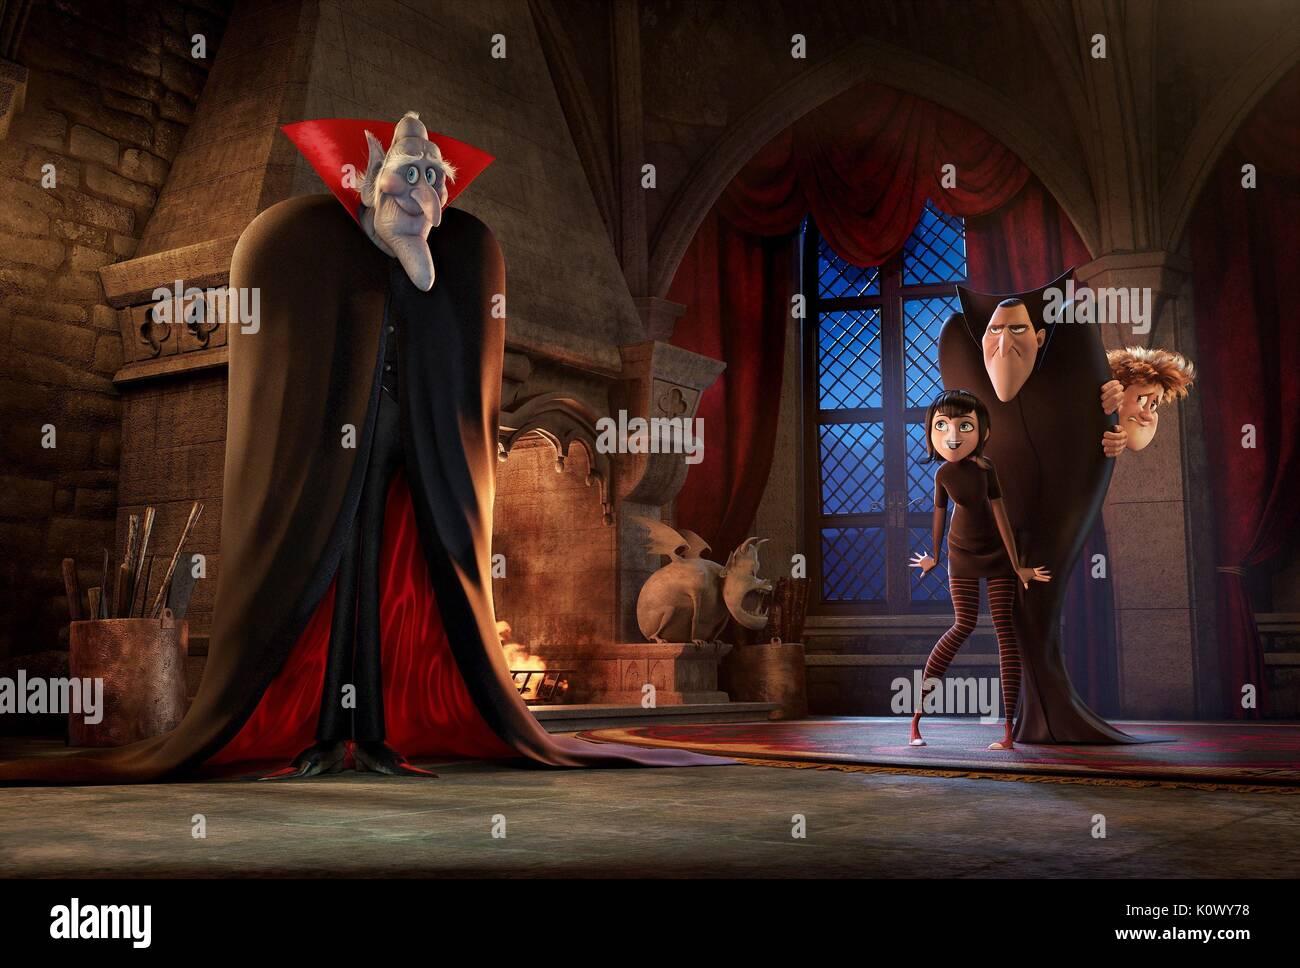 Vlad Mavis Dracula Jonathan Hotel Transylvania 2 2015 Stock Photo Alamy